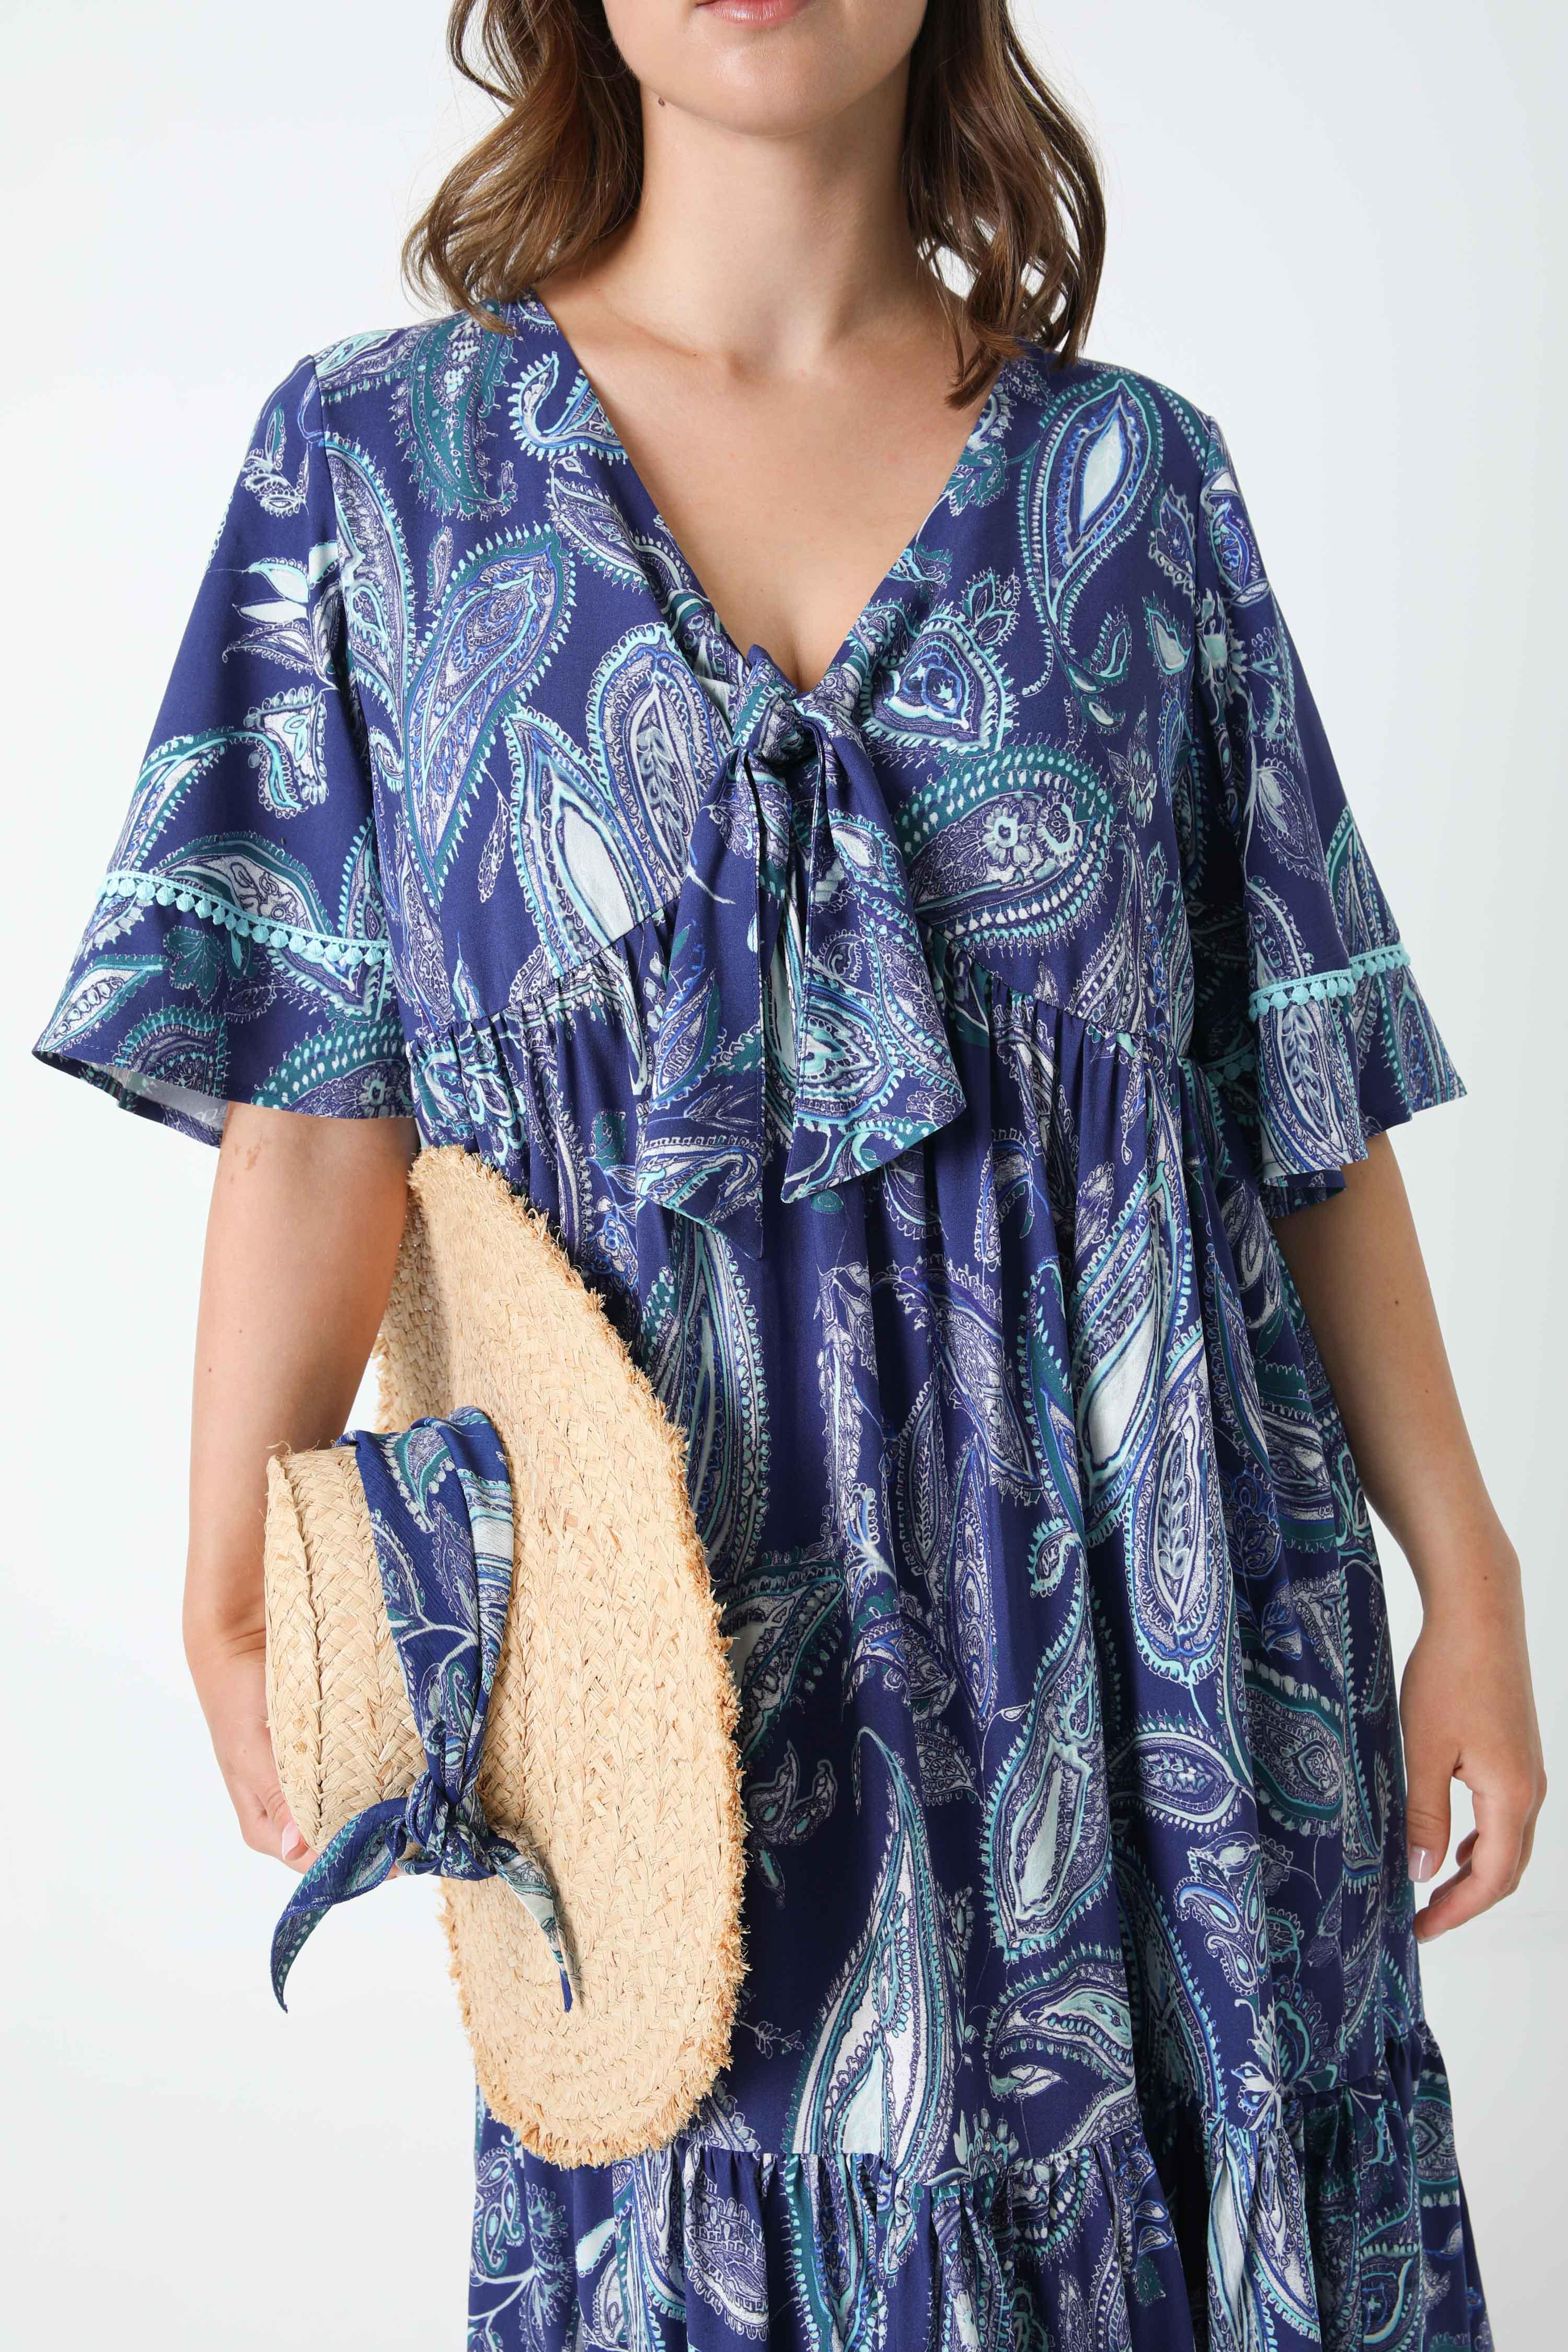 Mid-length printed viscose dress (shipping May 30 / June 5)